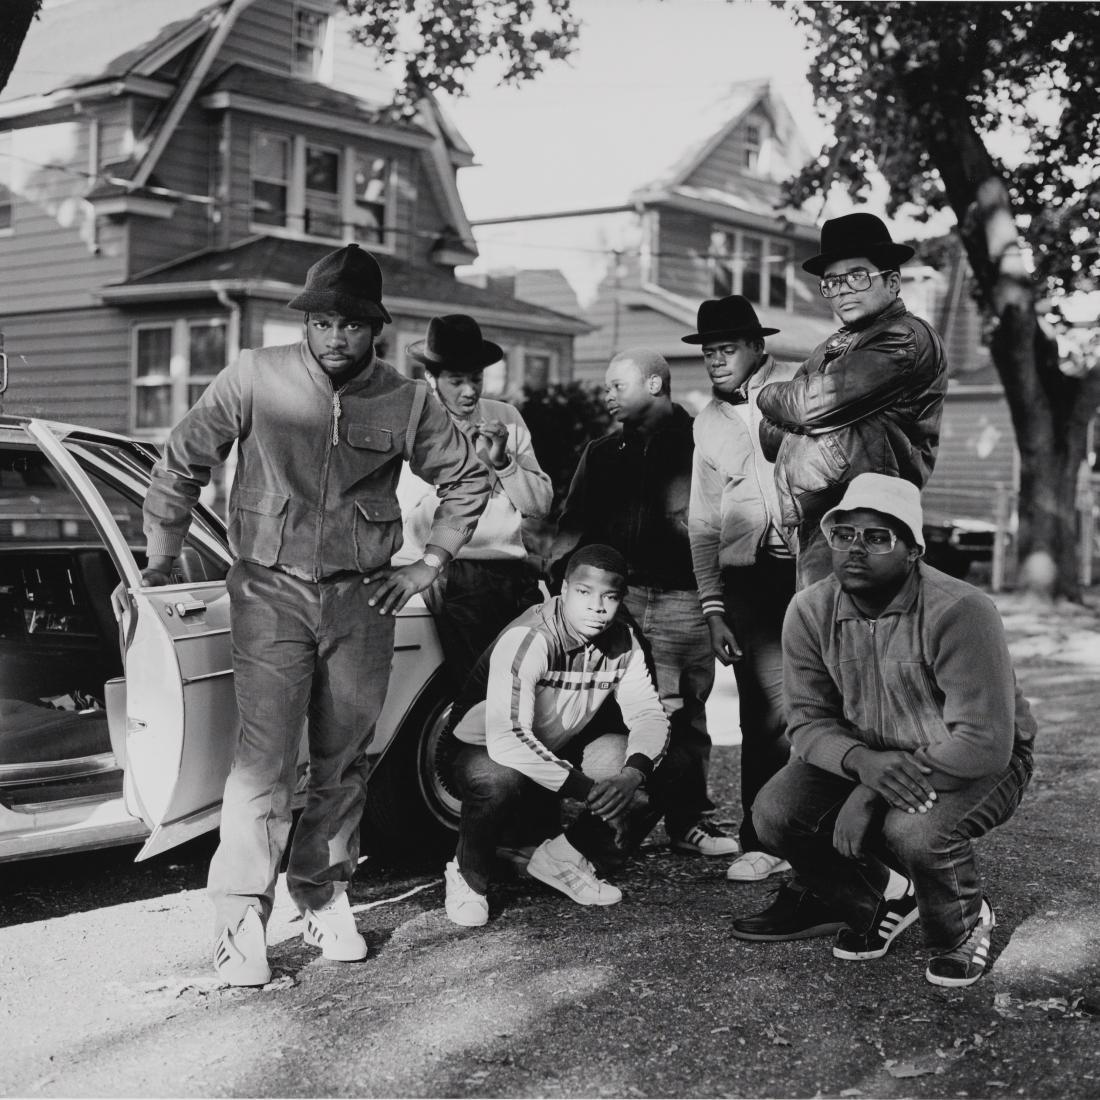 Queens의 Hollis에서 자동차 옆에서 포즈를 취하는 남성 그룹과 함께 DMC를 실행하세요.